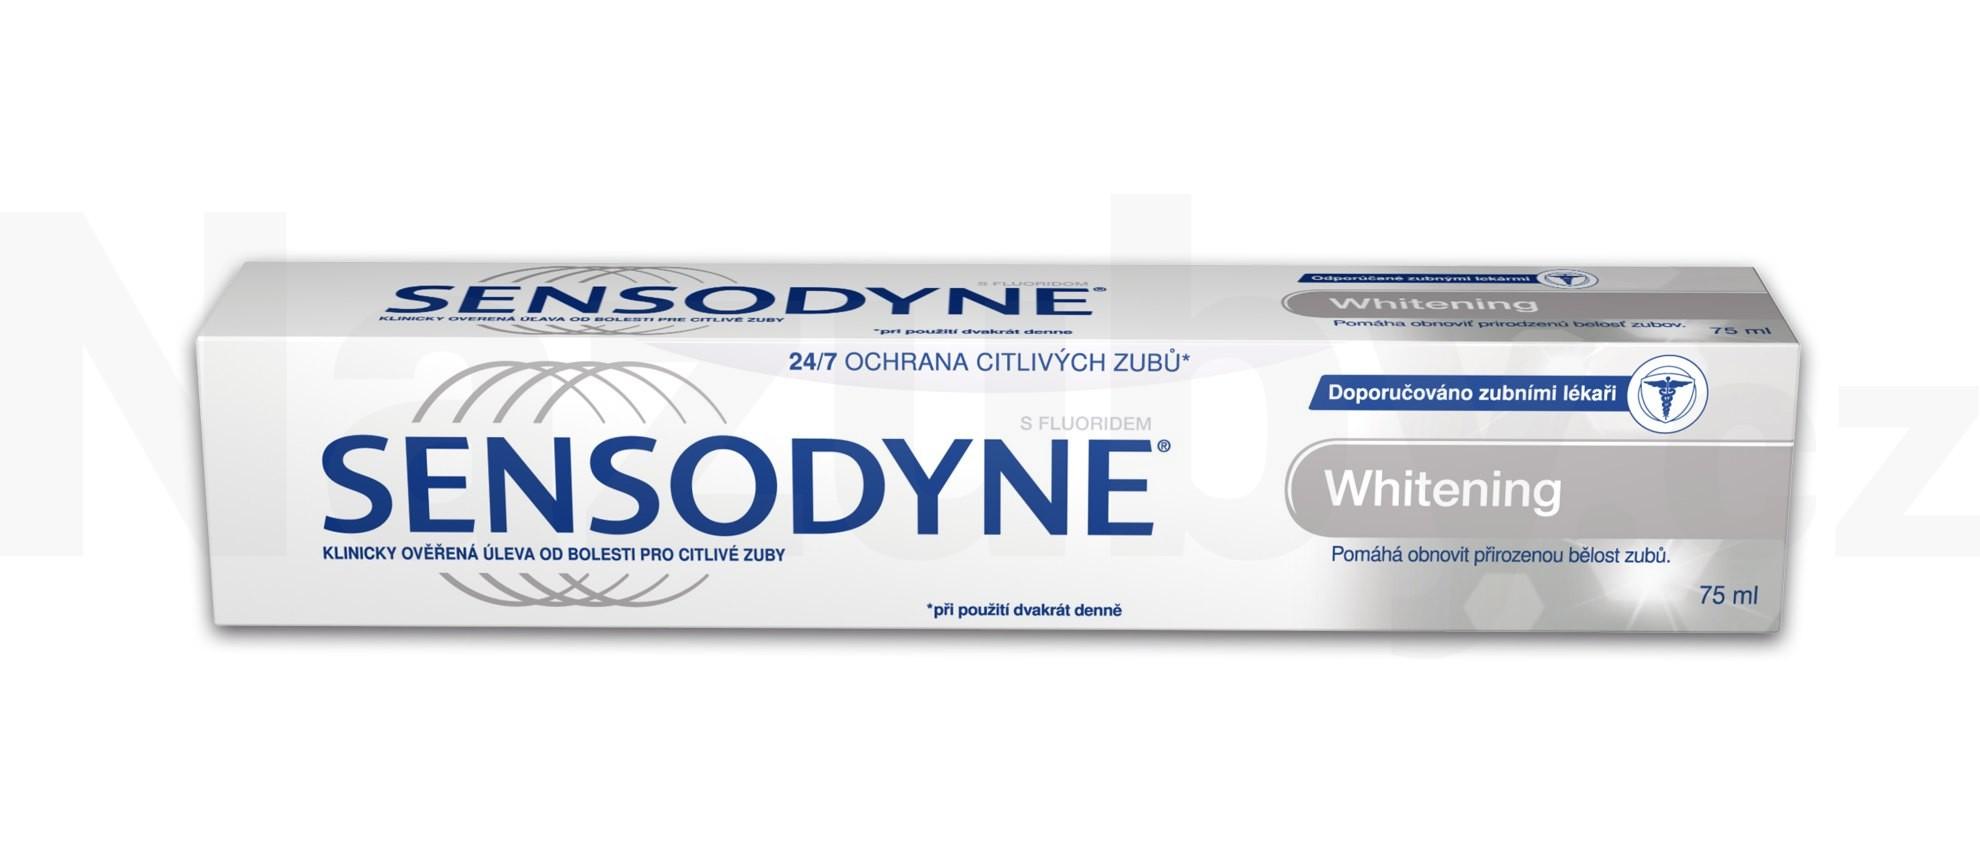 Sensodyne Whitening zubní pasta 75 ml